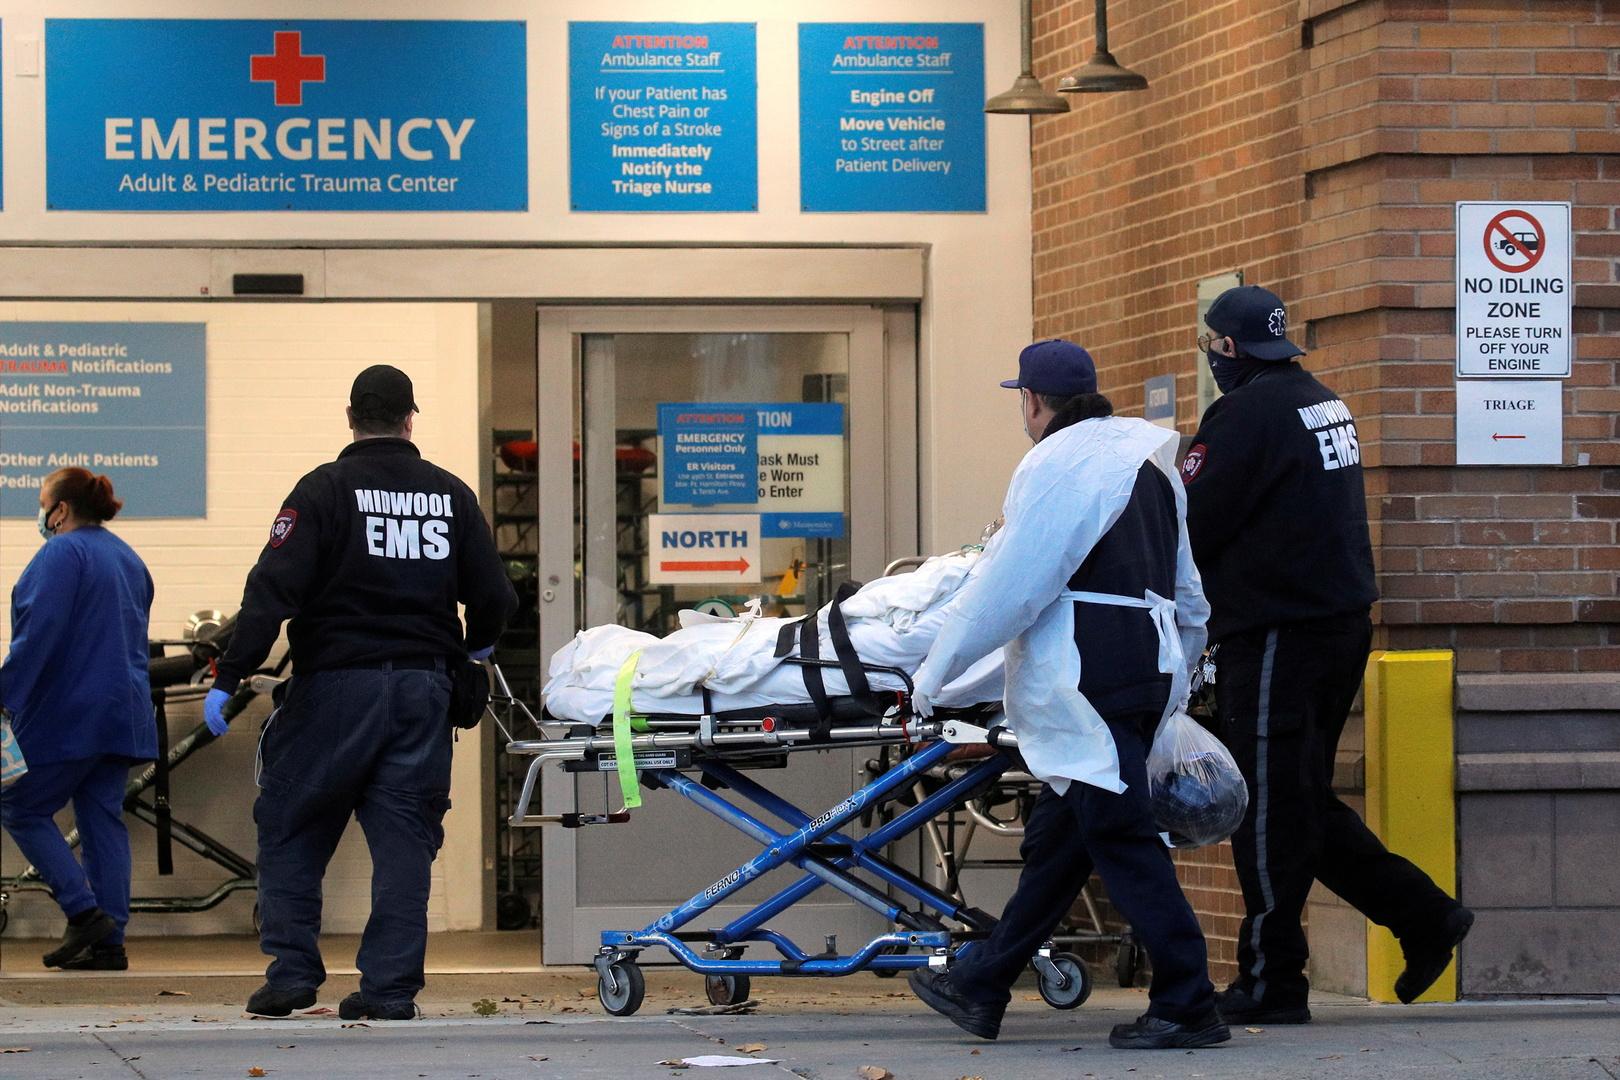 الولايات المتحدة تسجل ارتفاعا حادا في وفيات كورونا تجاوز 2500 خلال يوم واحد